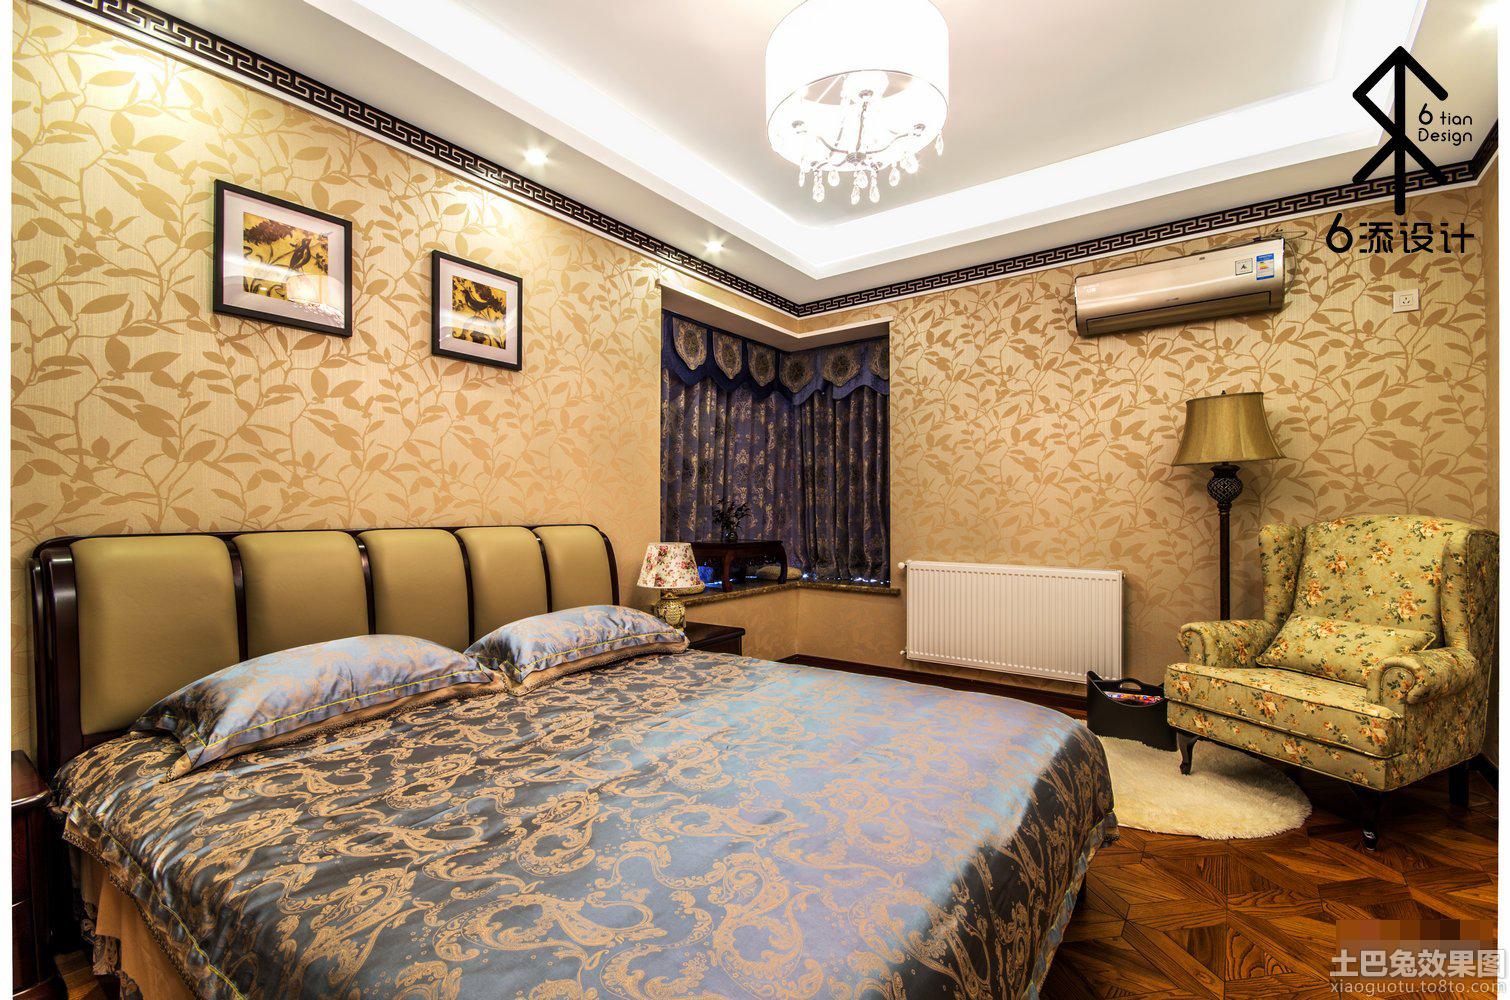 中式卧室墙纸效果图大全 - 九正家居装修效果图